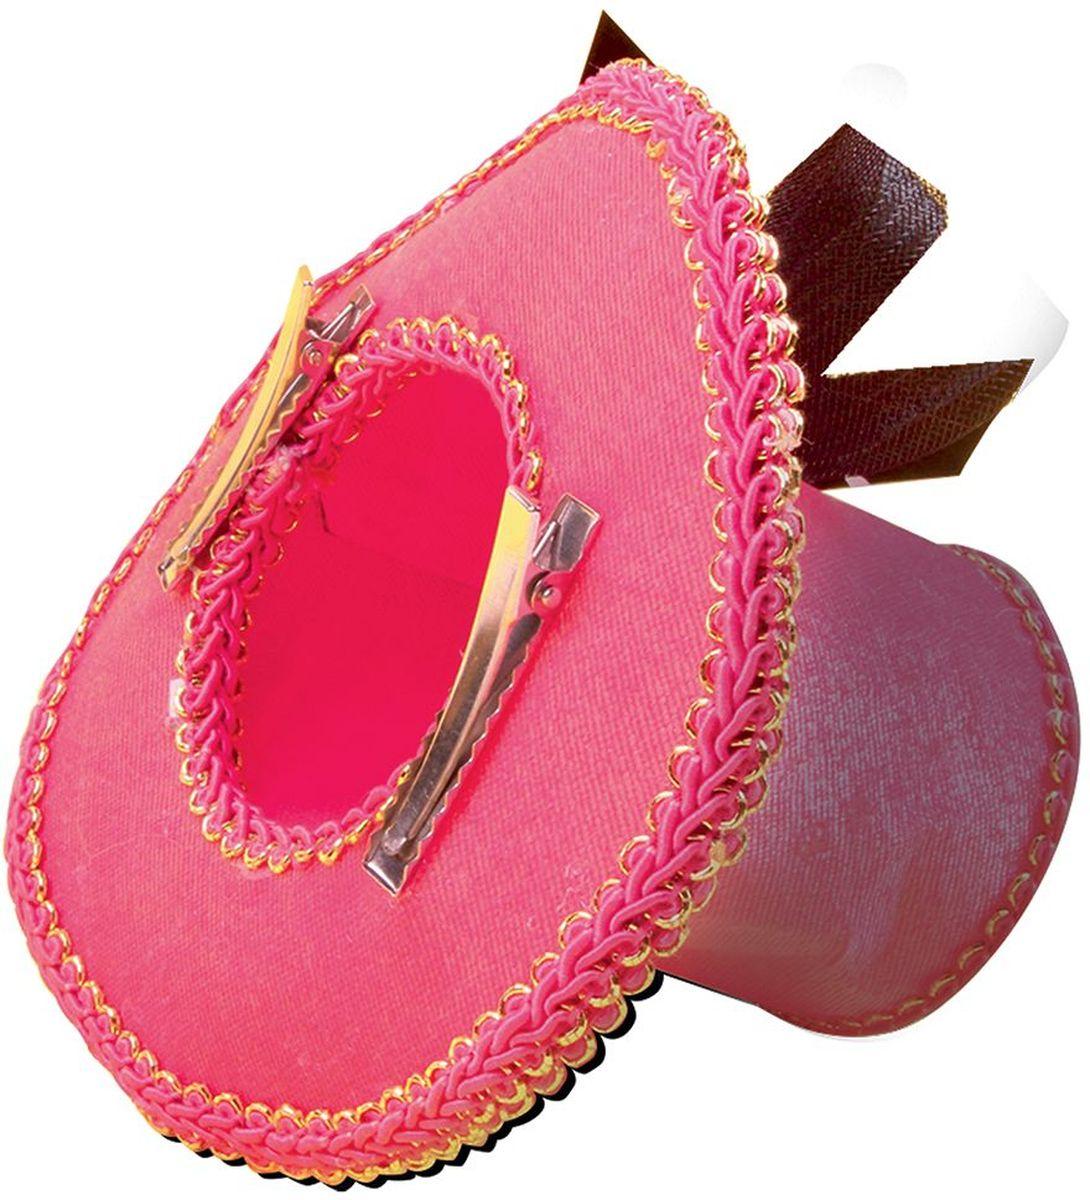 Partymania Шляпка-таблетка карнавальная Винтаж цвет розовый -  Колпаки и шляпы